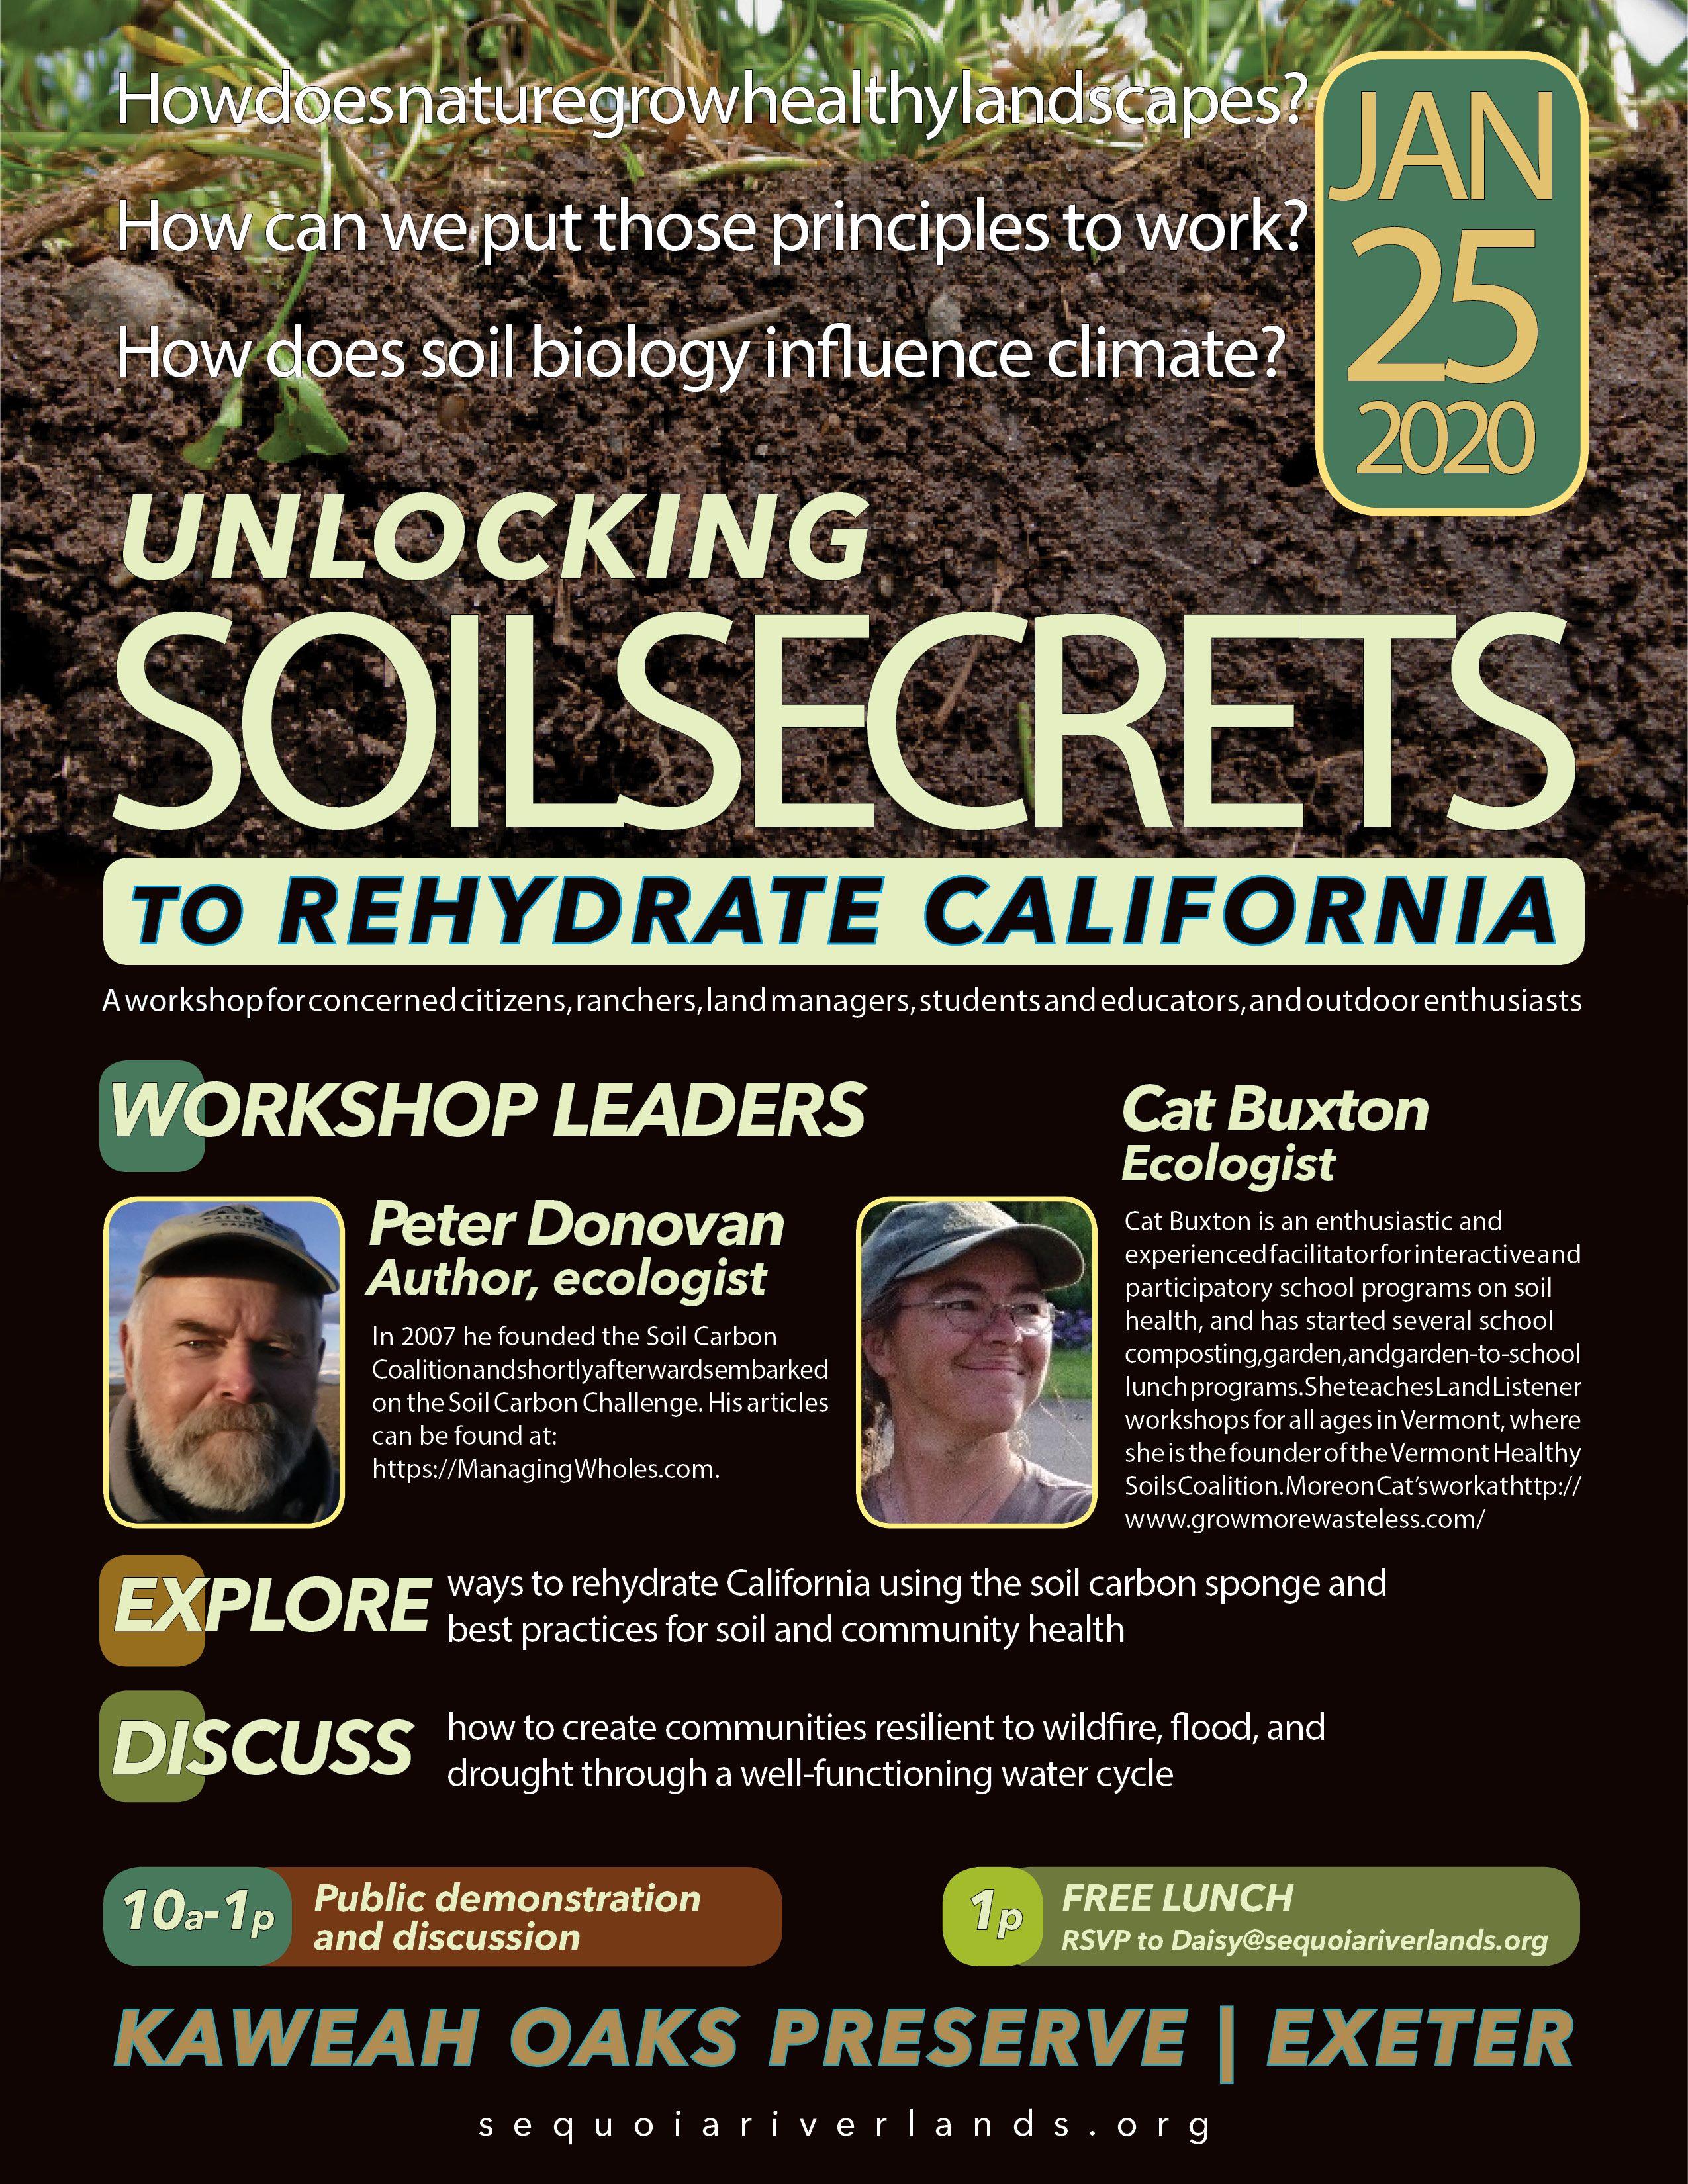 SOIL SECRETS: 'Soil sponge' role in healthy climate explored at Kaweah Oaks Jan. 25